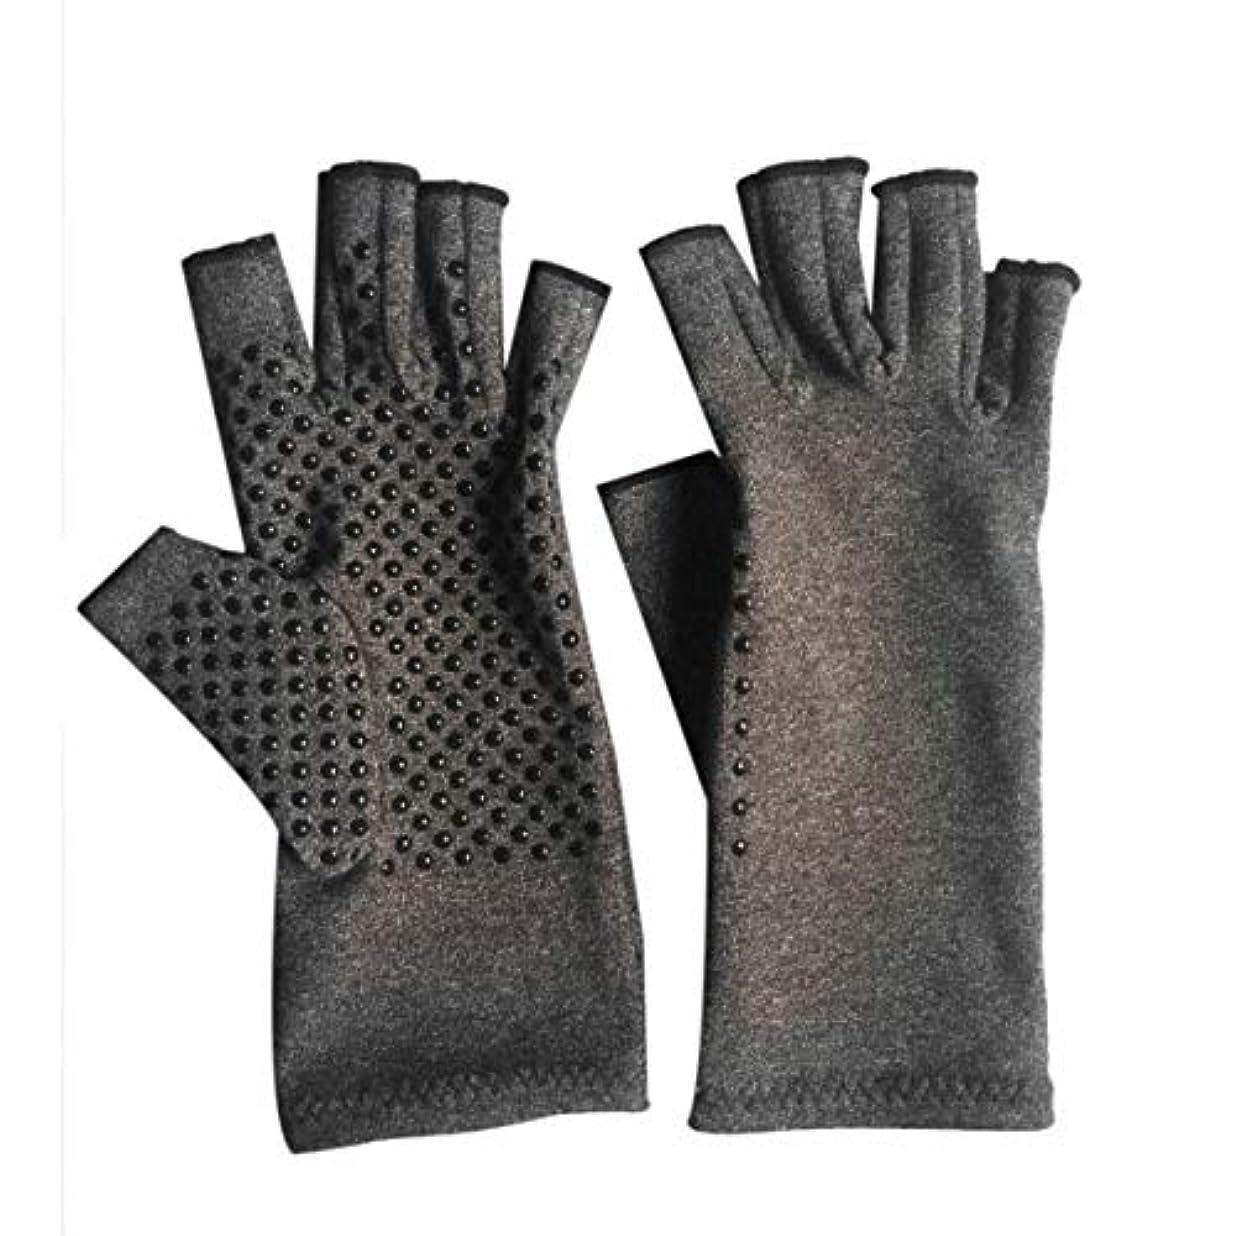 唯一準備ができて騒1ペアユニセックス男性女性療法圧縮手袋関節炎関節痛緩和ヘルスケア半指手袋トレーニング手袋 - グレーM